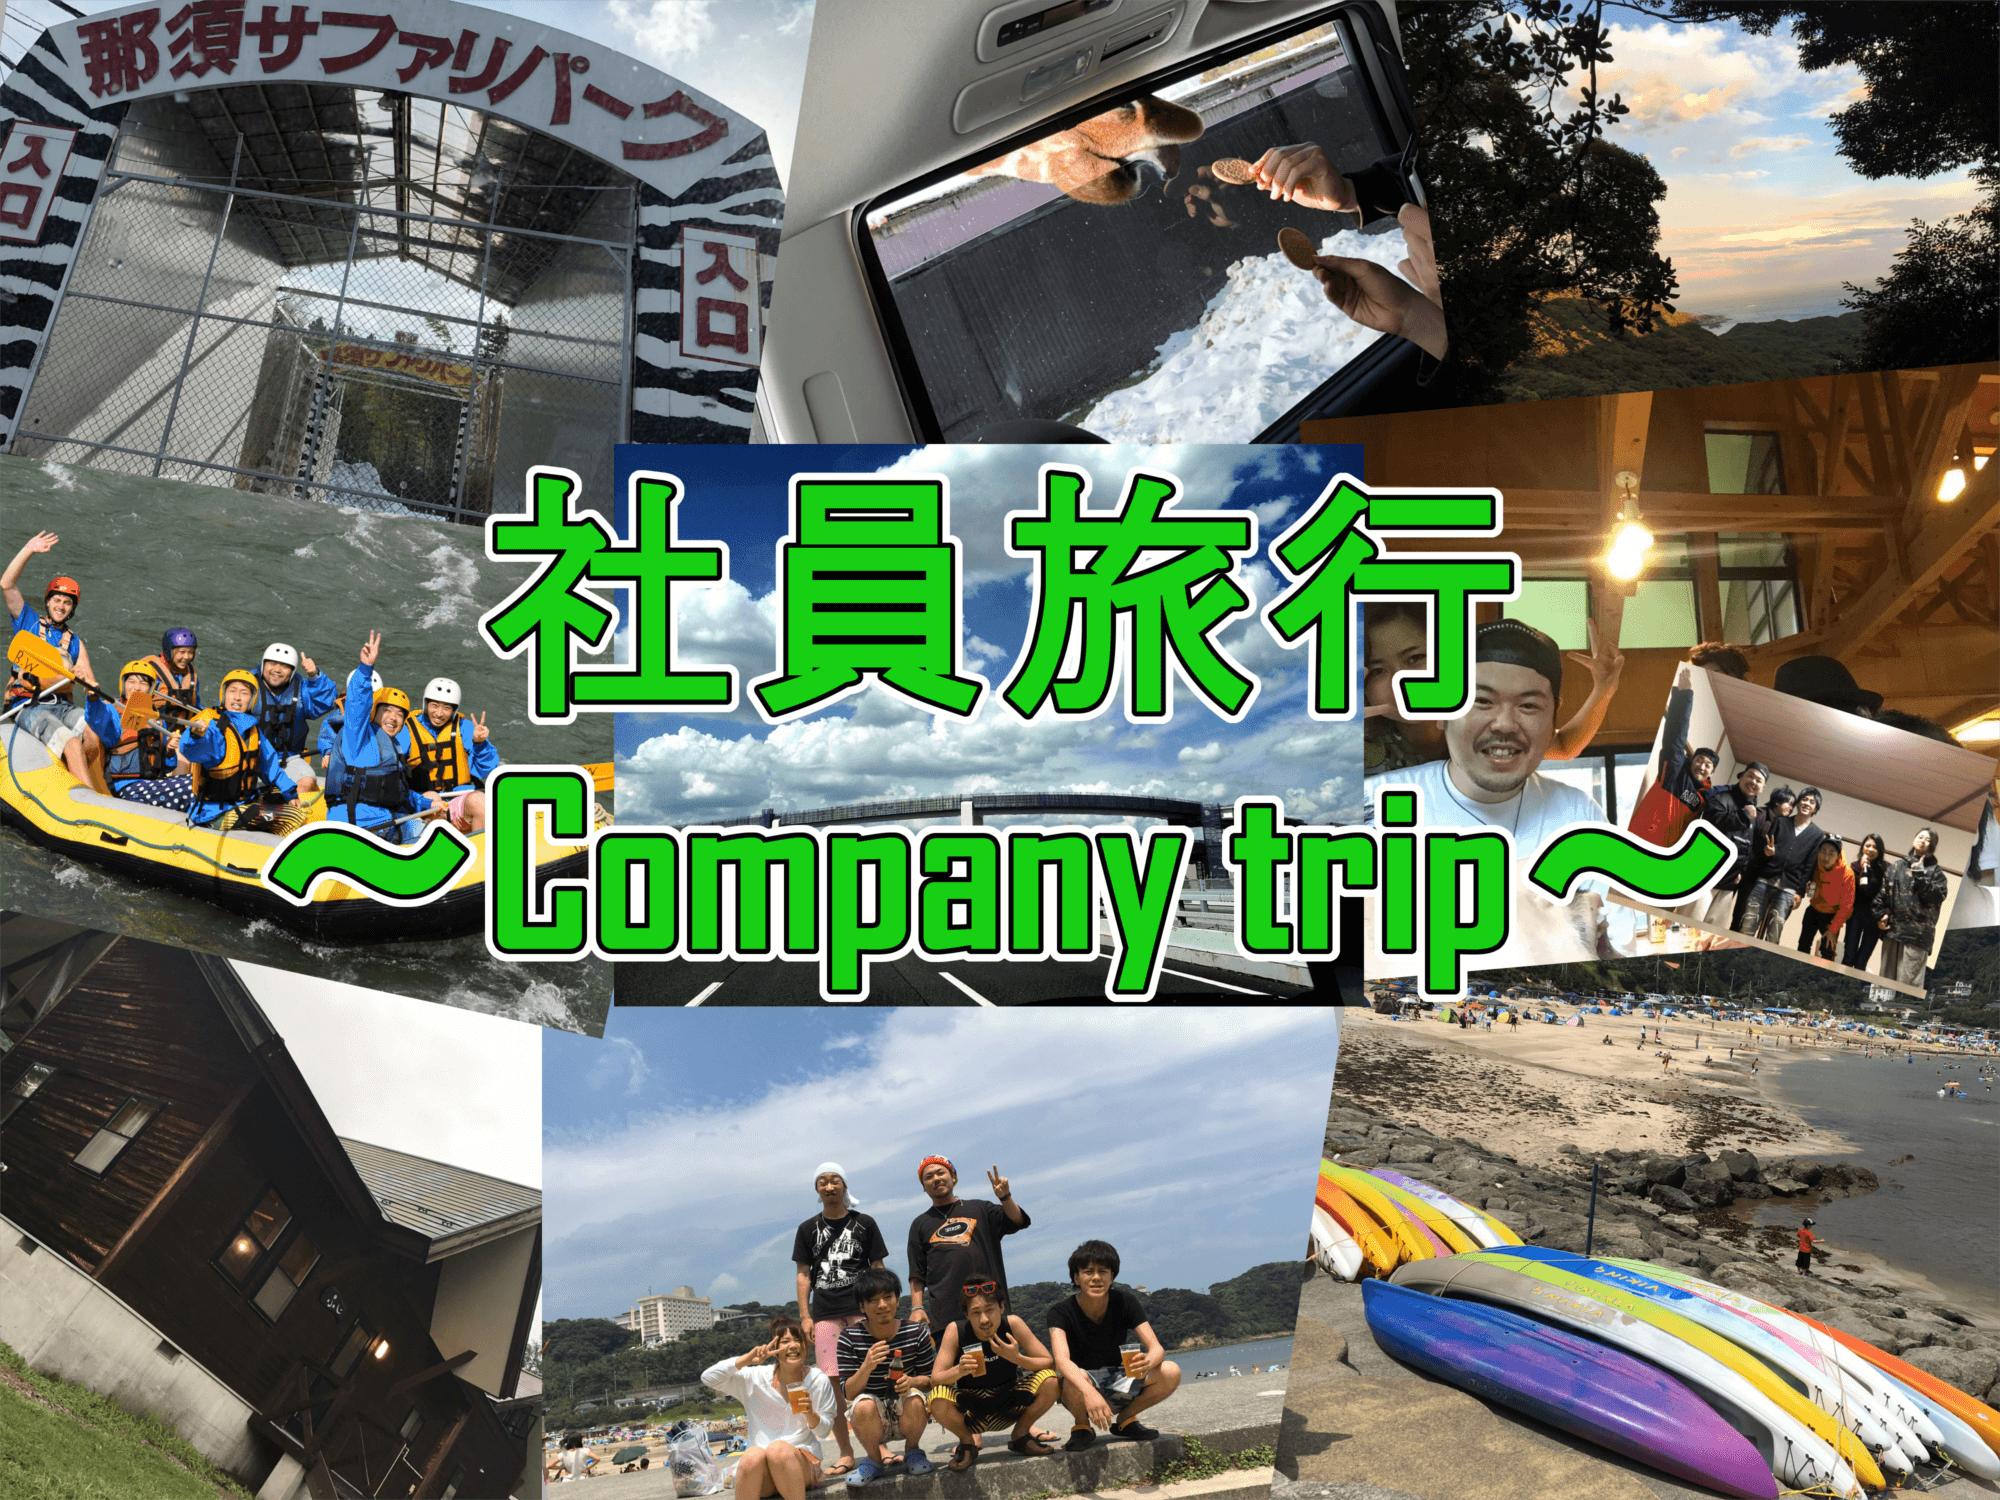 社員旅行~Company trip~